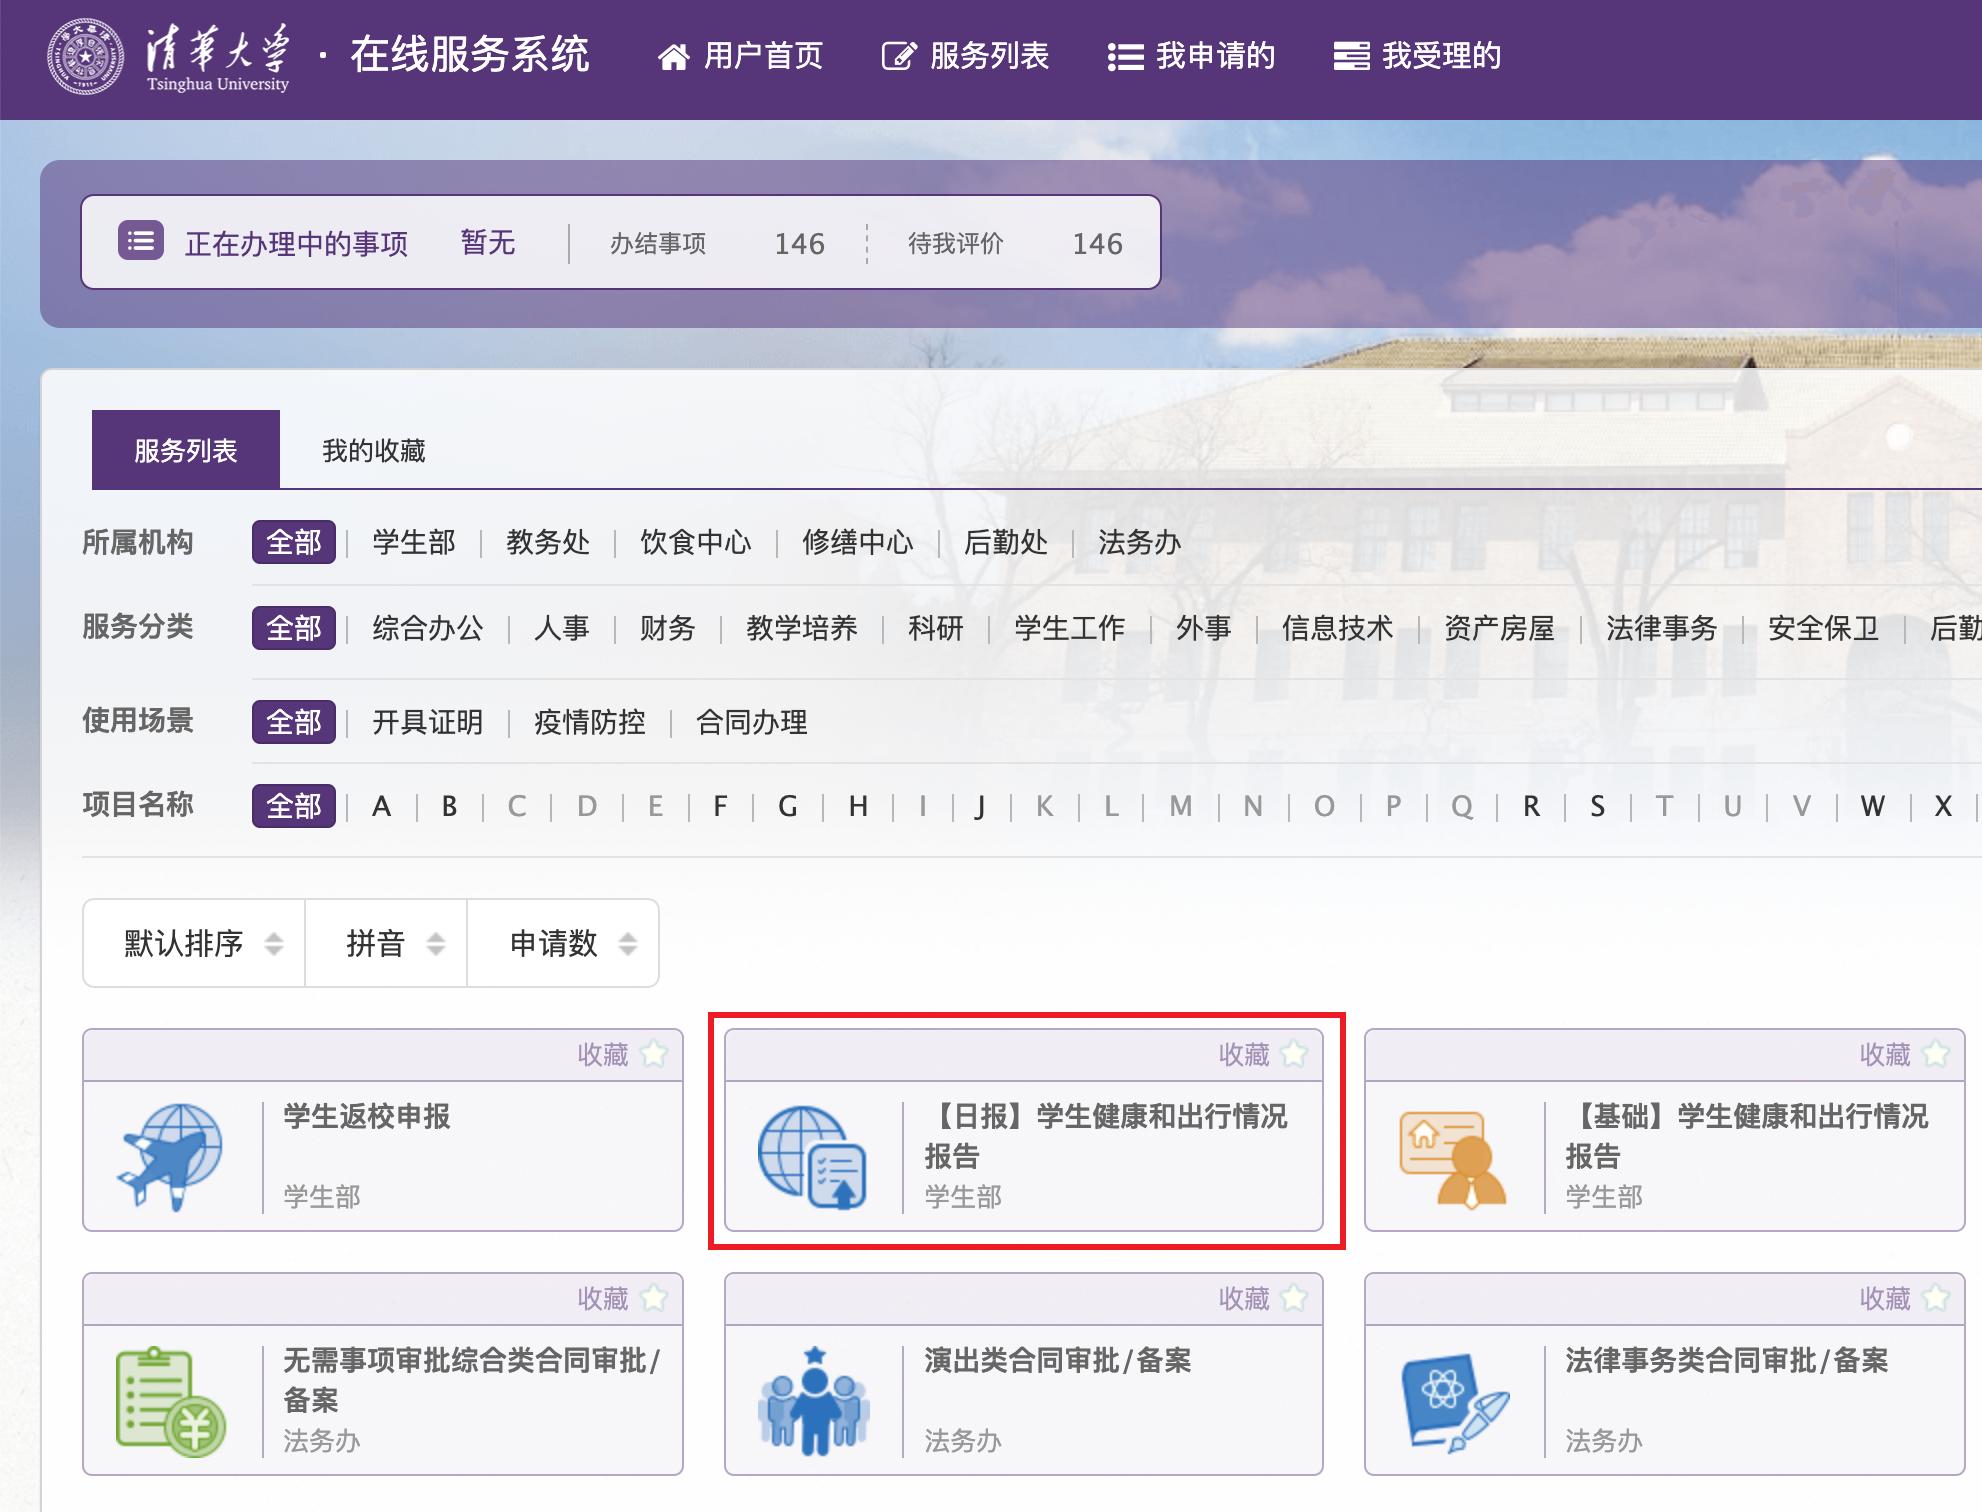 清华大学在线服务系统